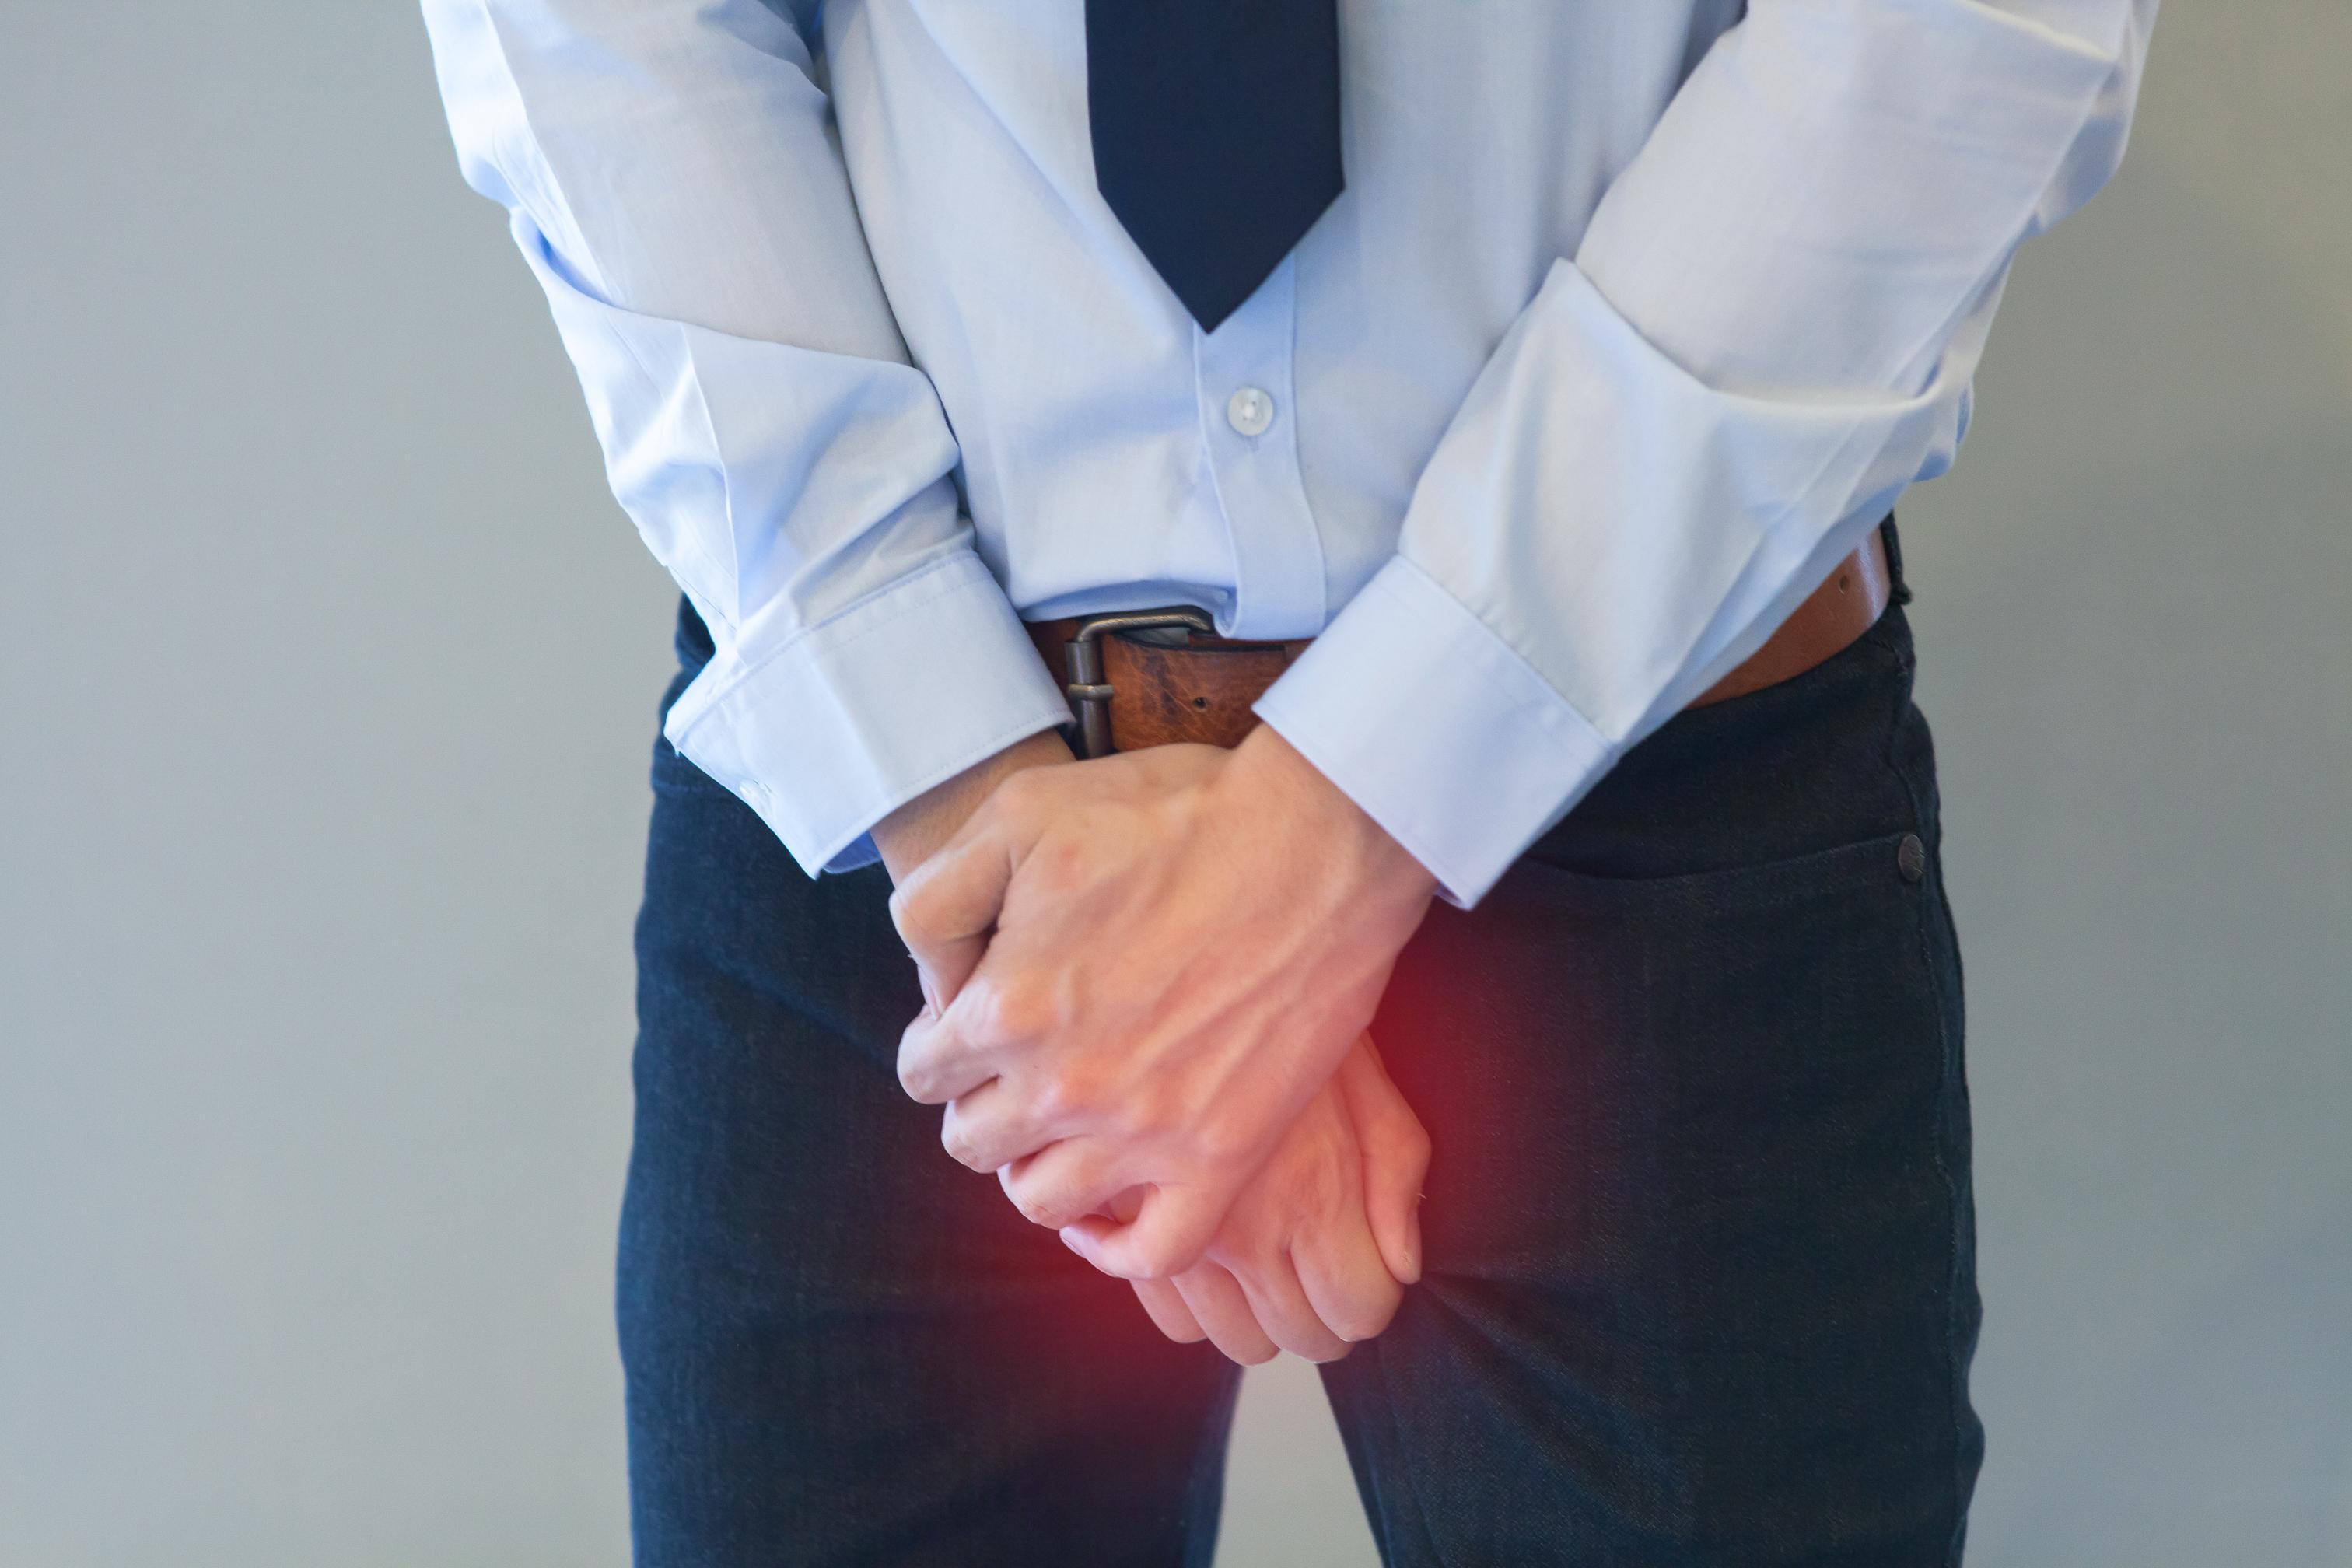 curbura penisurilor fără erecție în timpul prostatitei